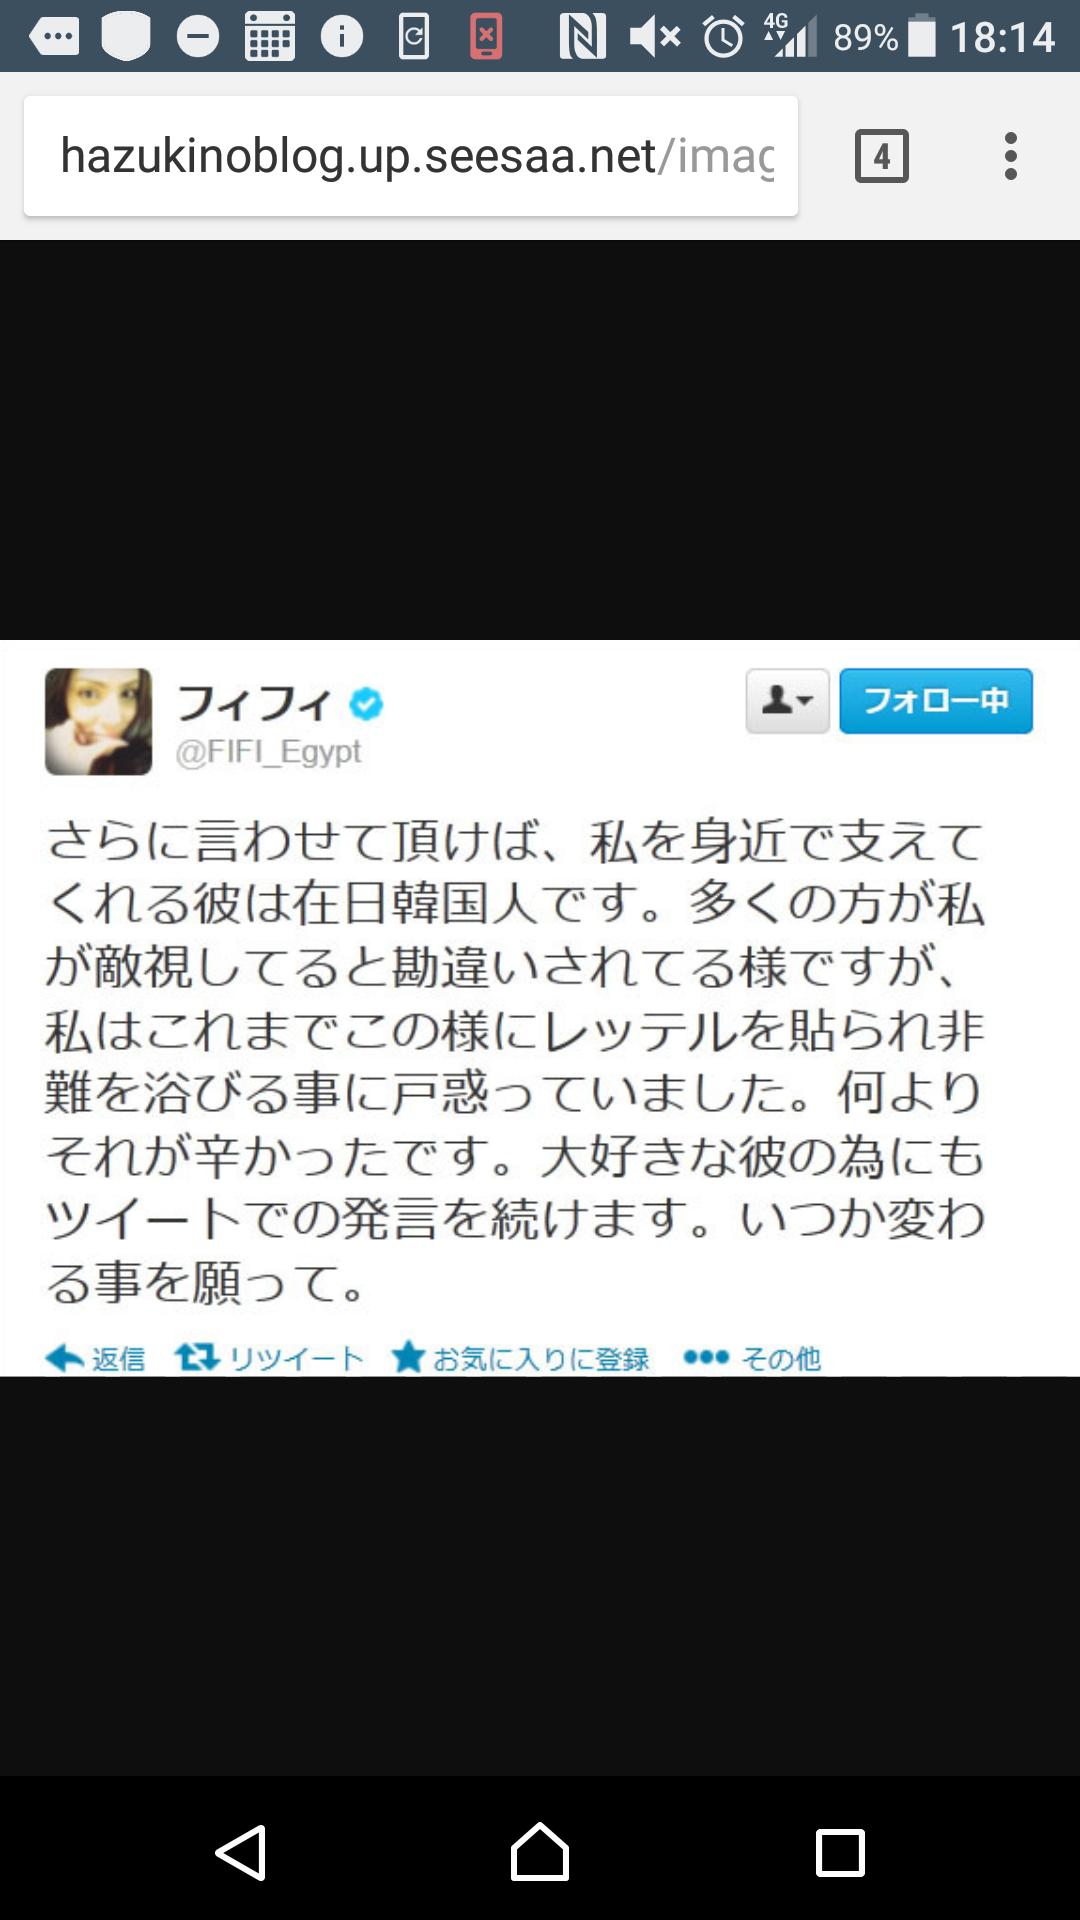 フィフィ、新潟女児殺害巡る報道疑問「演奏会の映像を繰り返し流す必要って…」尾木ママも警鐘